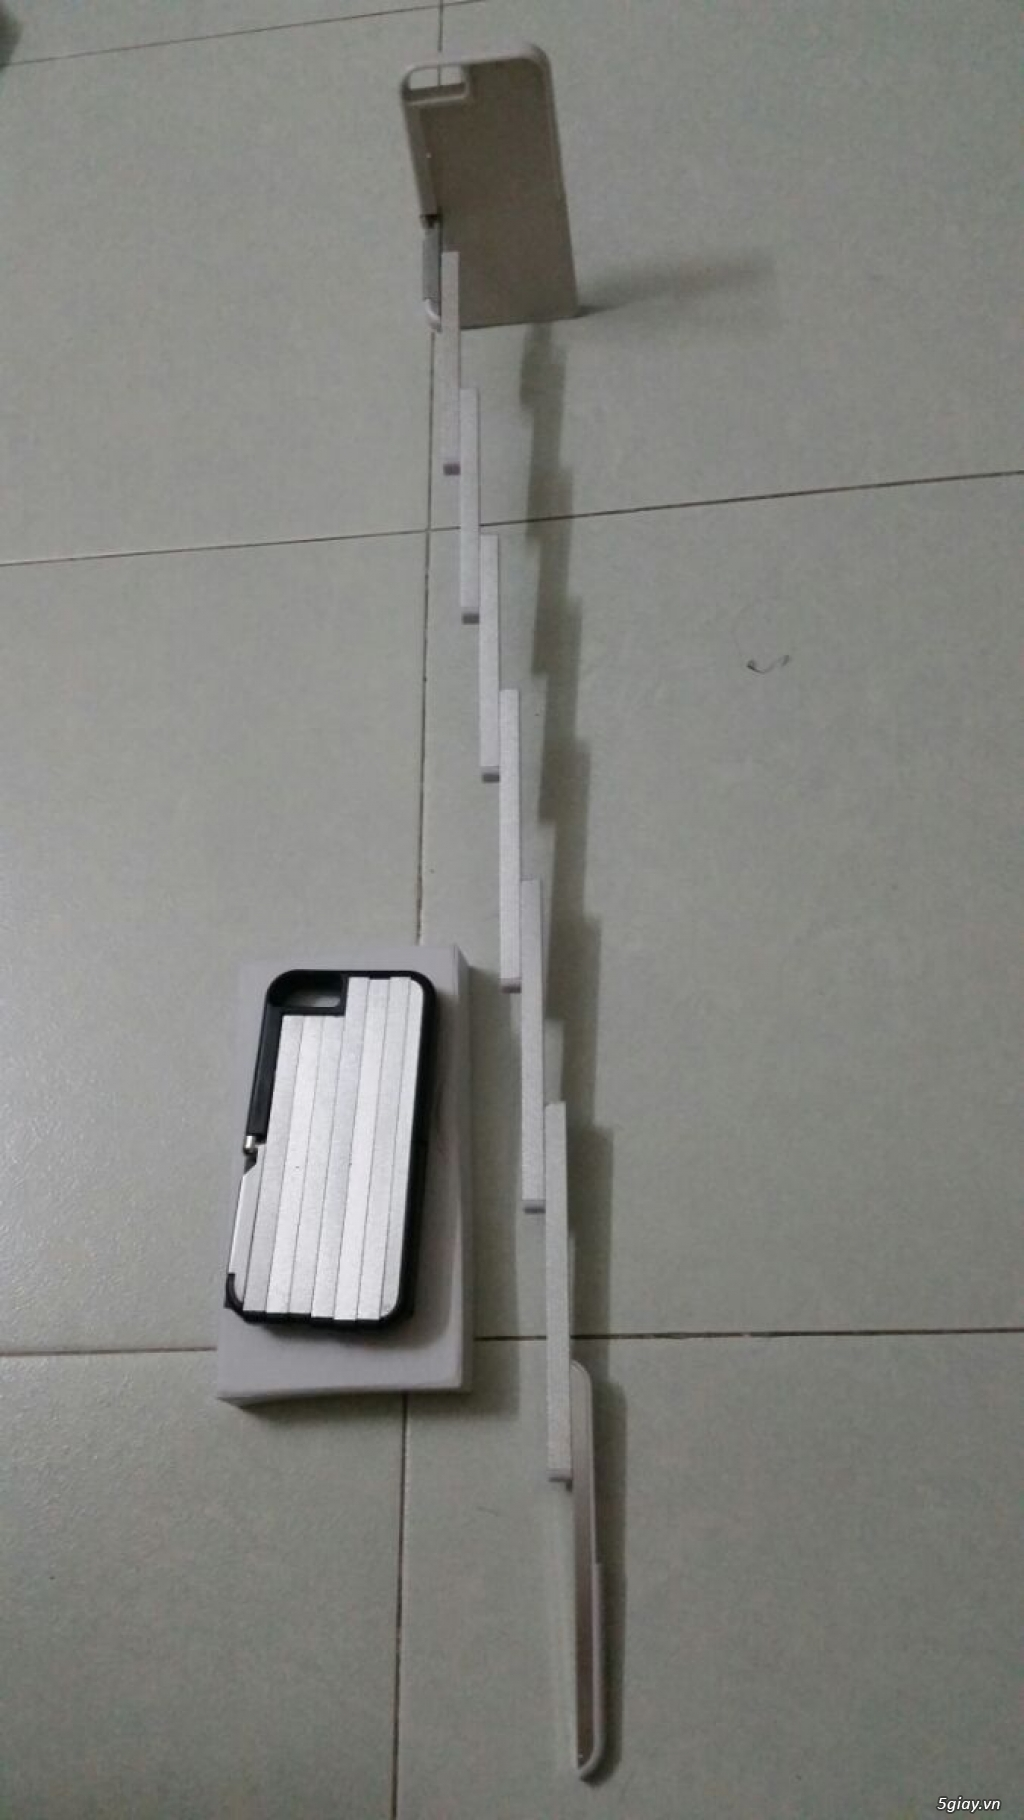 HCM- Ốp tự sướng dành cho Iphone 6/6S - 10